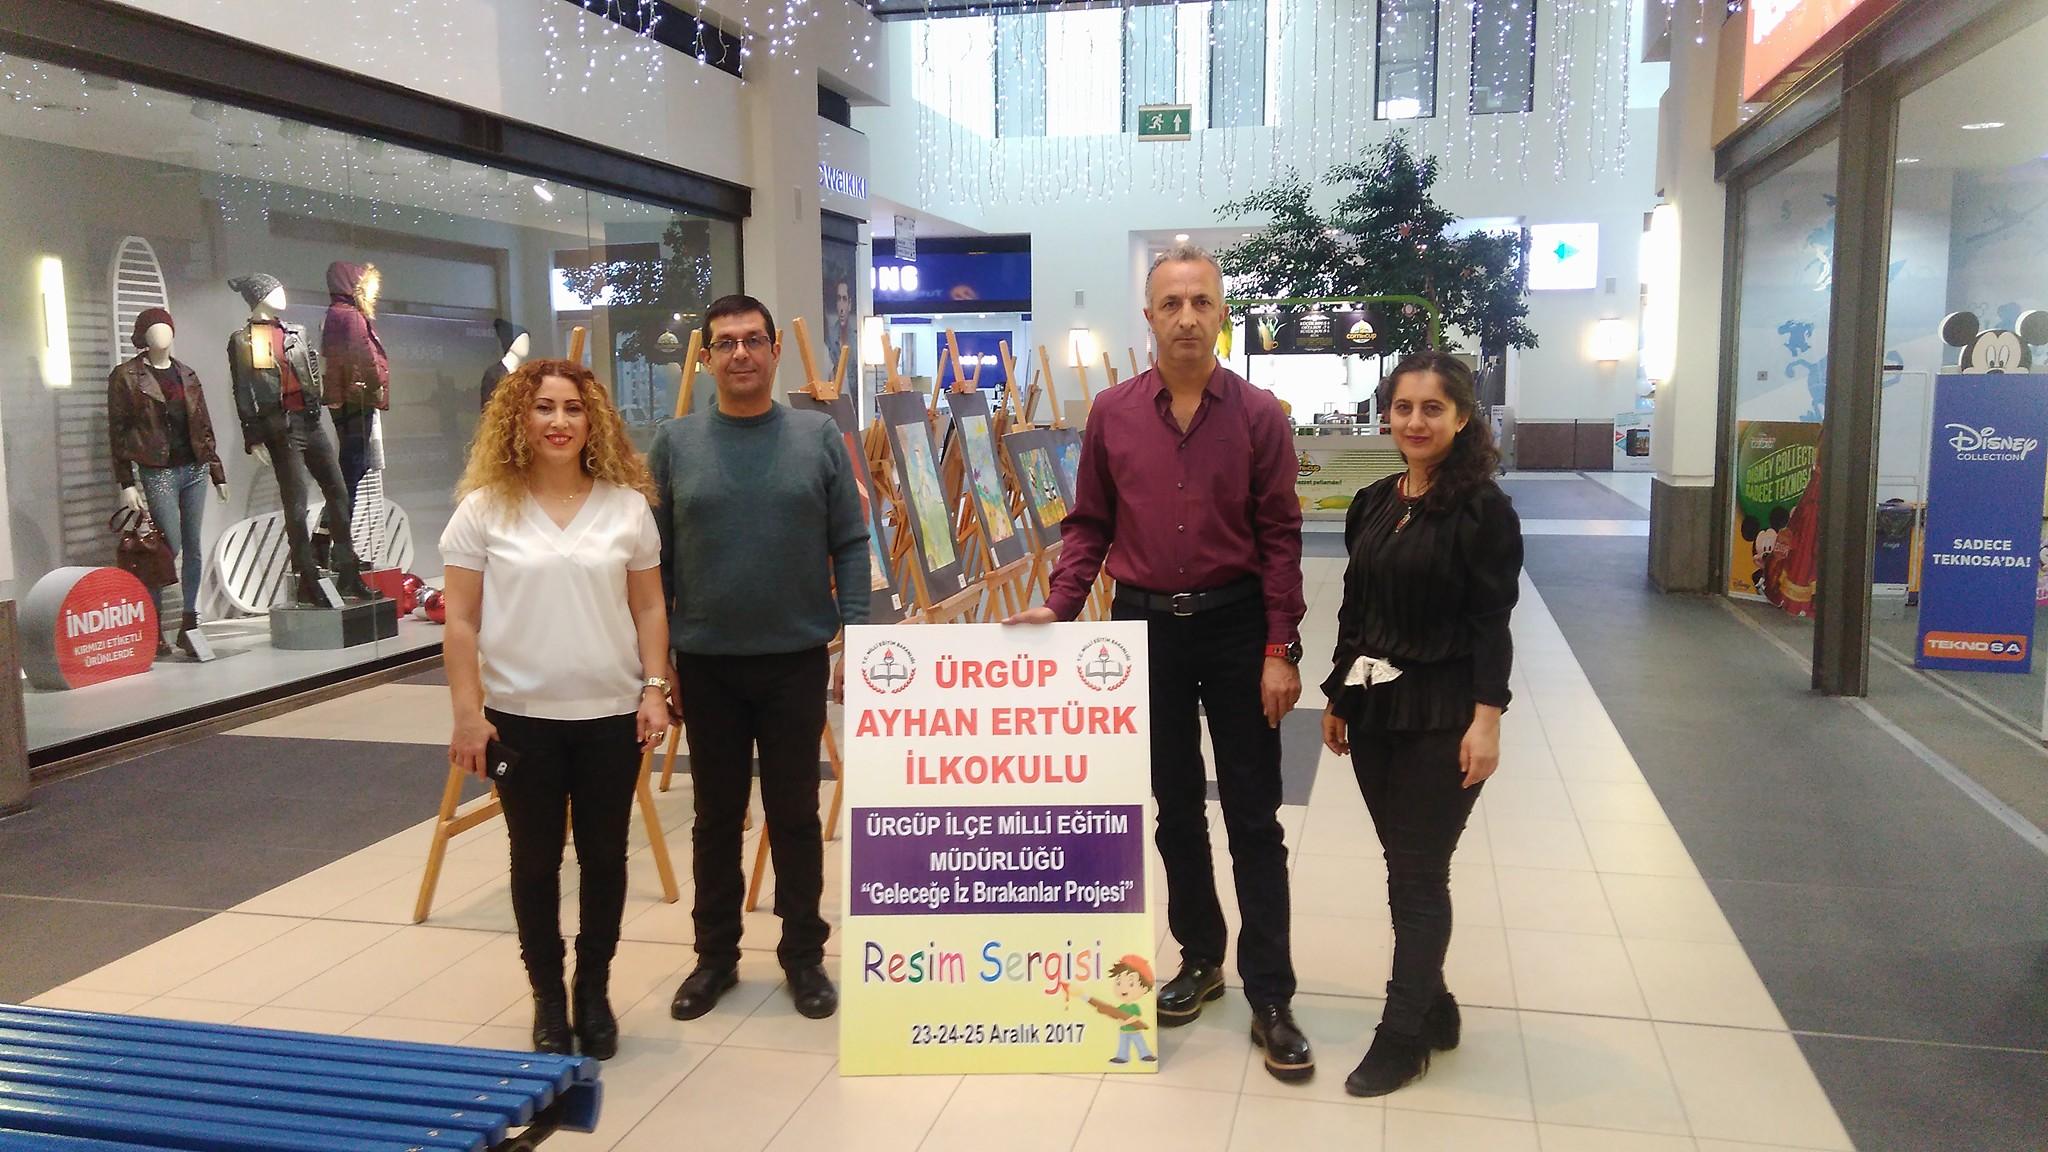 Ayhan Ertürk İlkokulu Kapadokya Forumda Sergi Açtı